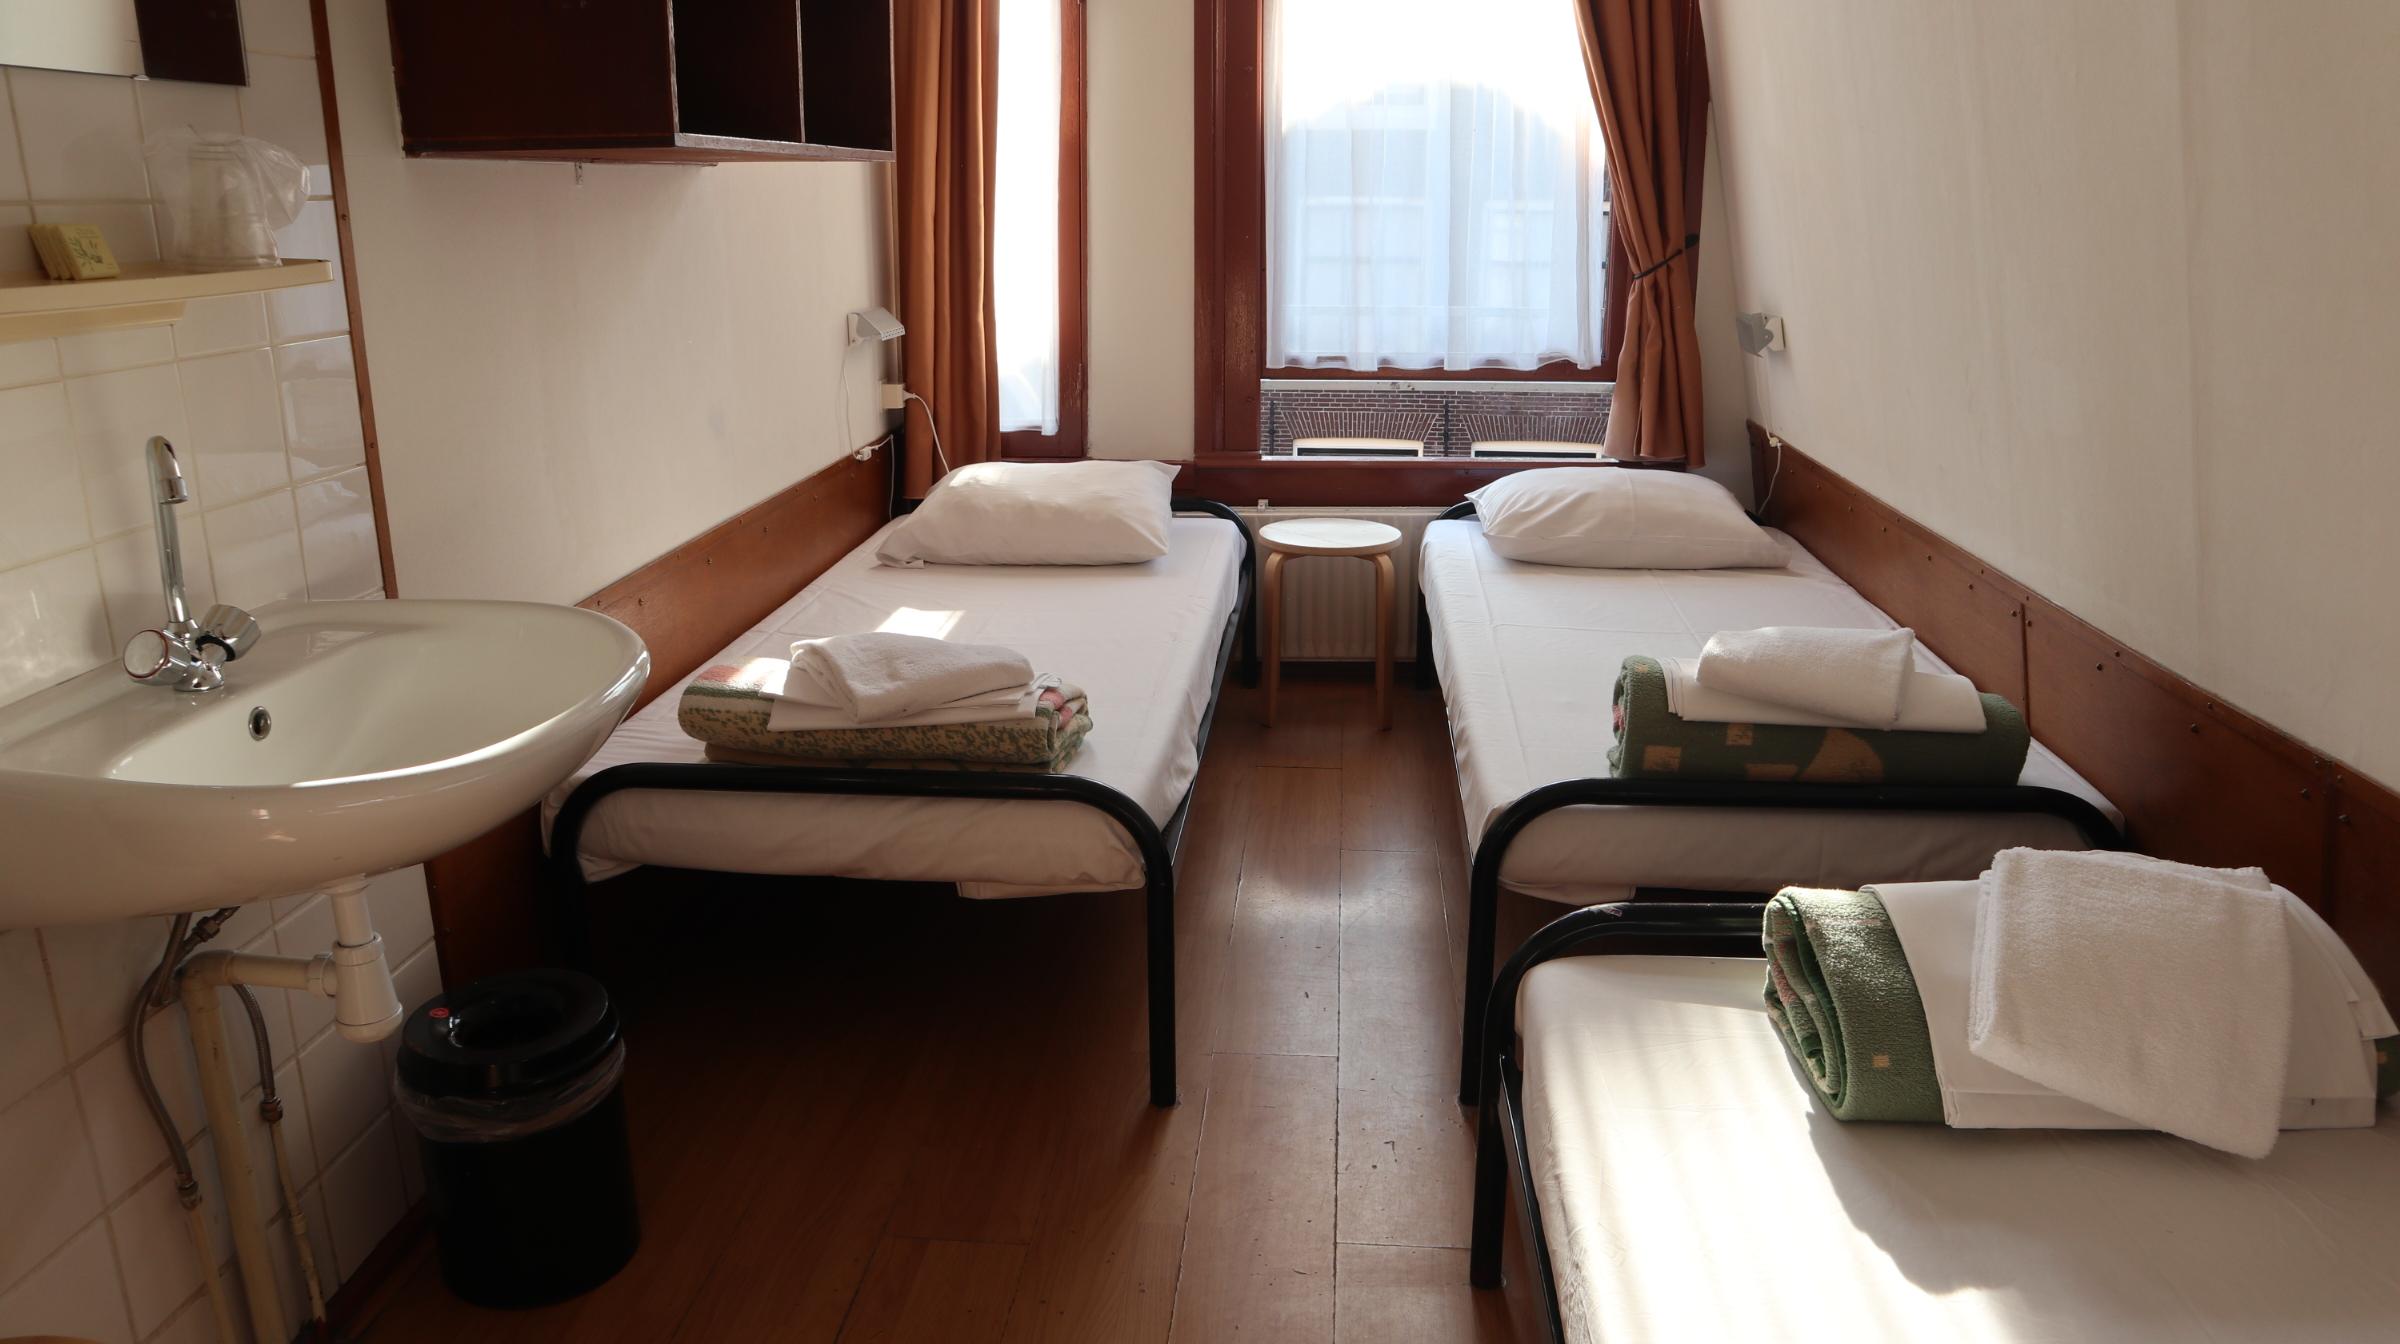 Amsterdam Budget hotel - triple room 3